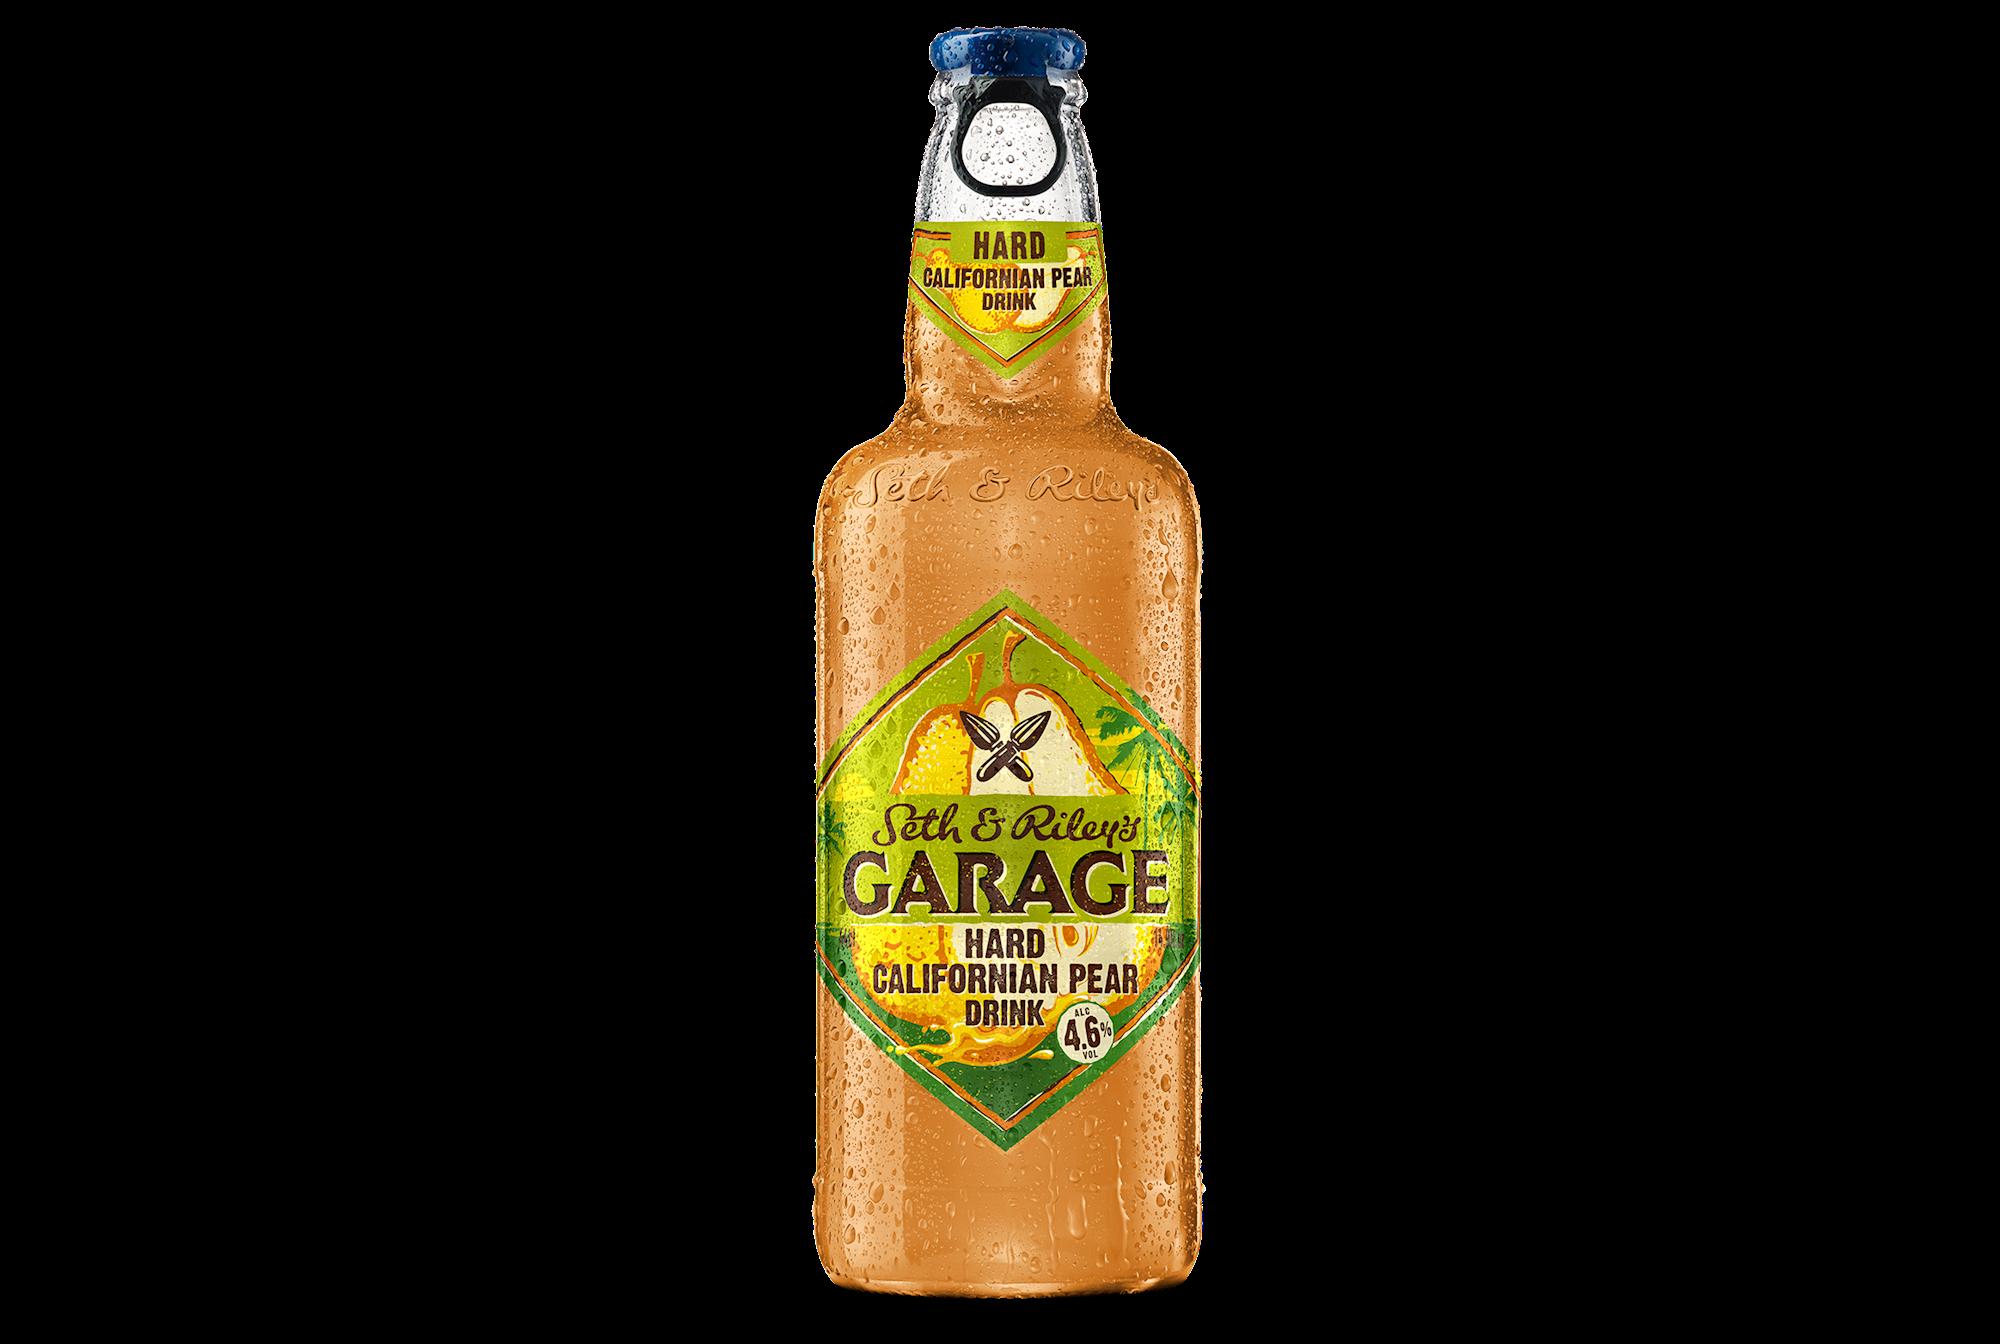 garage-hard-californian-pear-drink